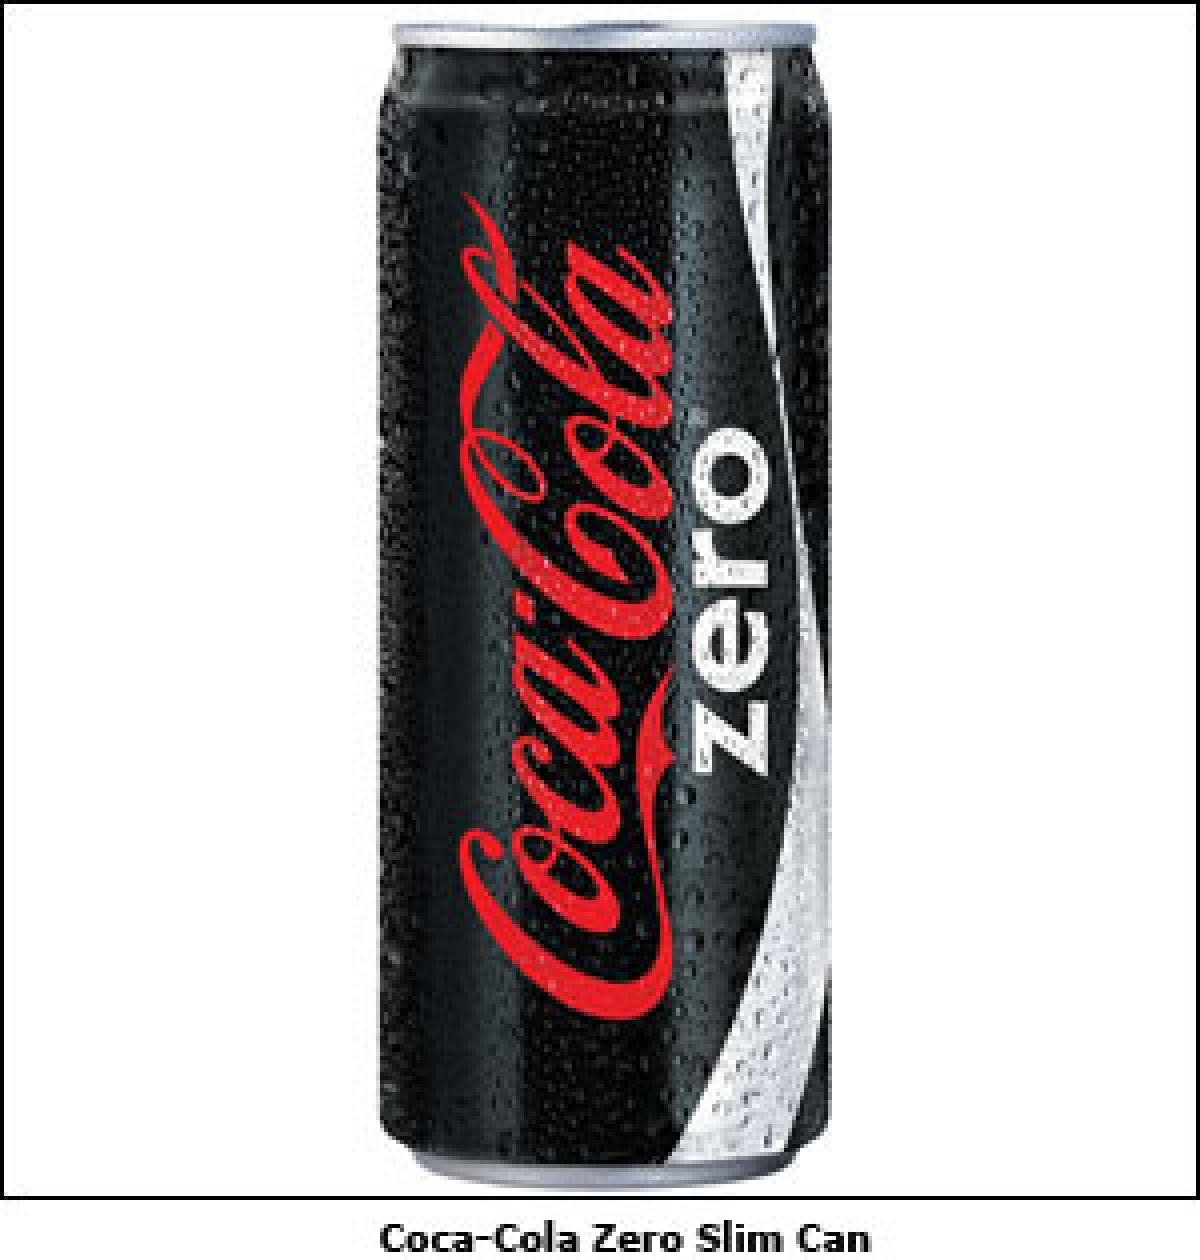 Coca-Cola Zero: Calorie-free Alternative